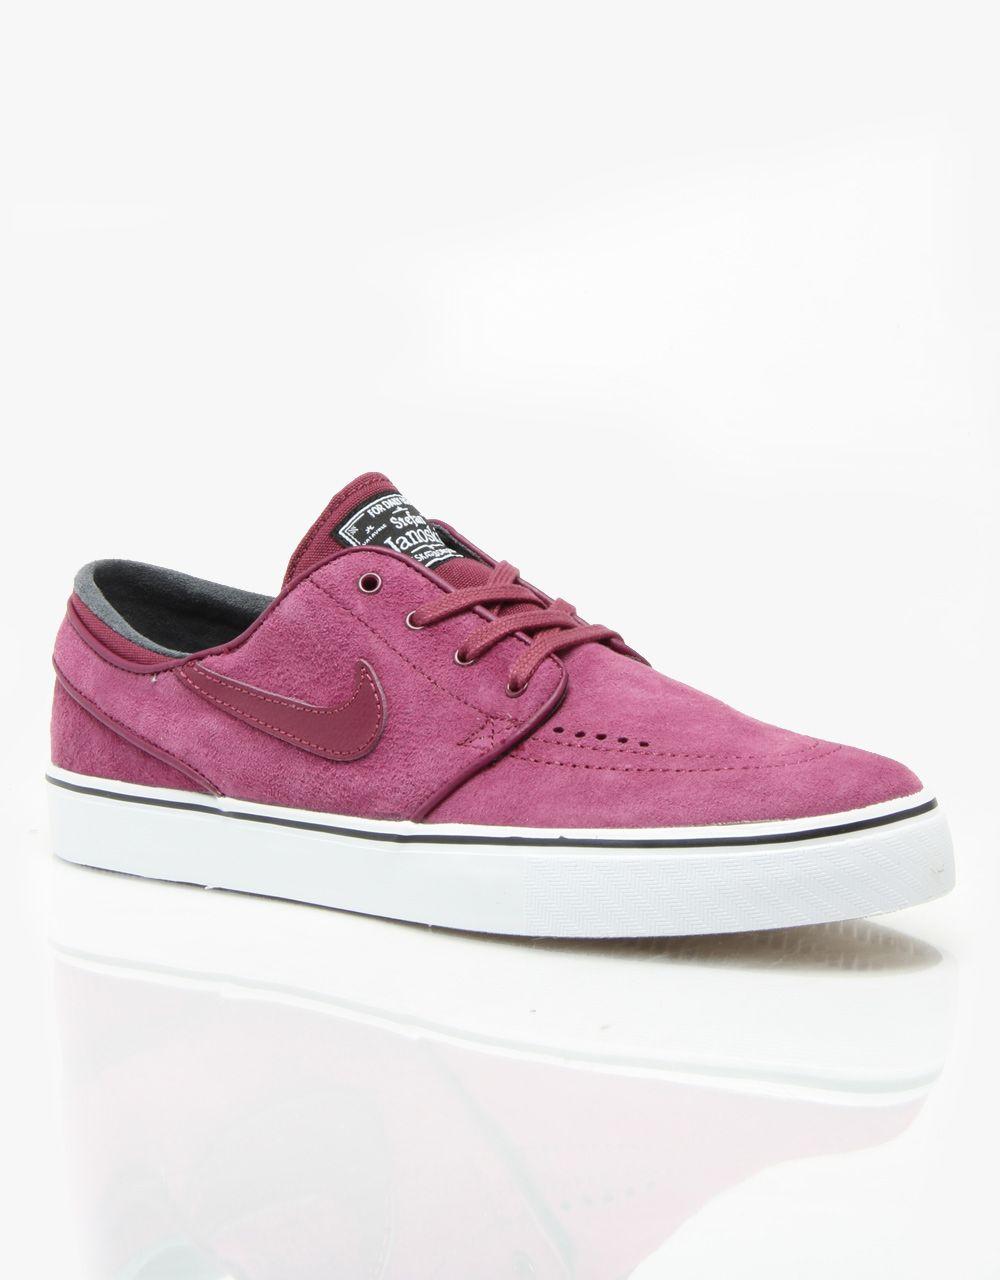 5cfc916a1a95 Nike SB Stefan Janoski SE Skate Shoes - Villain Red Red White ...